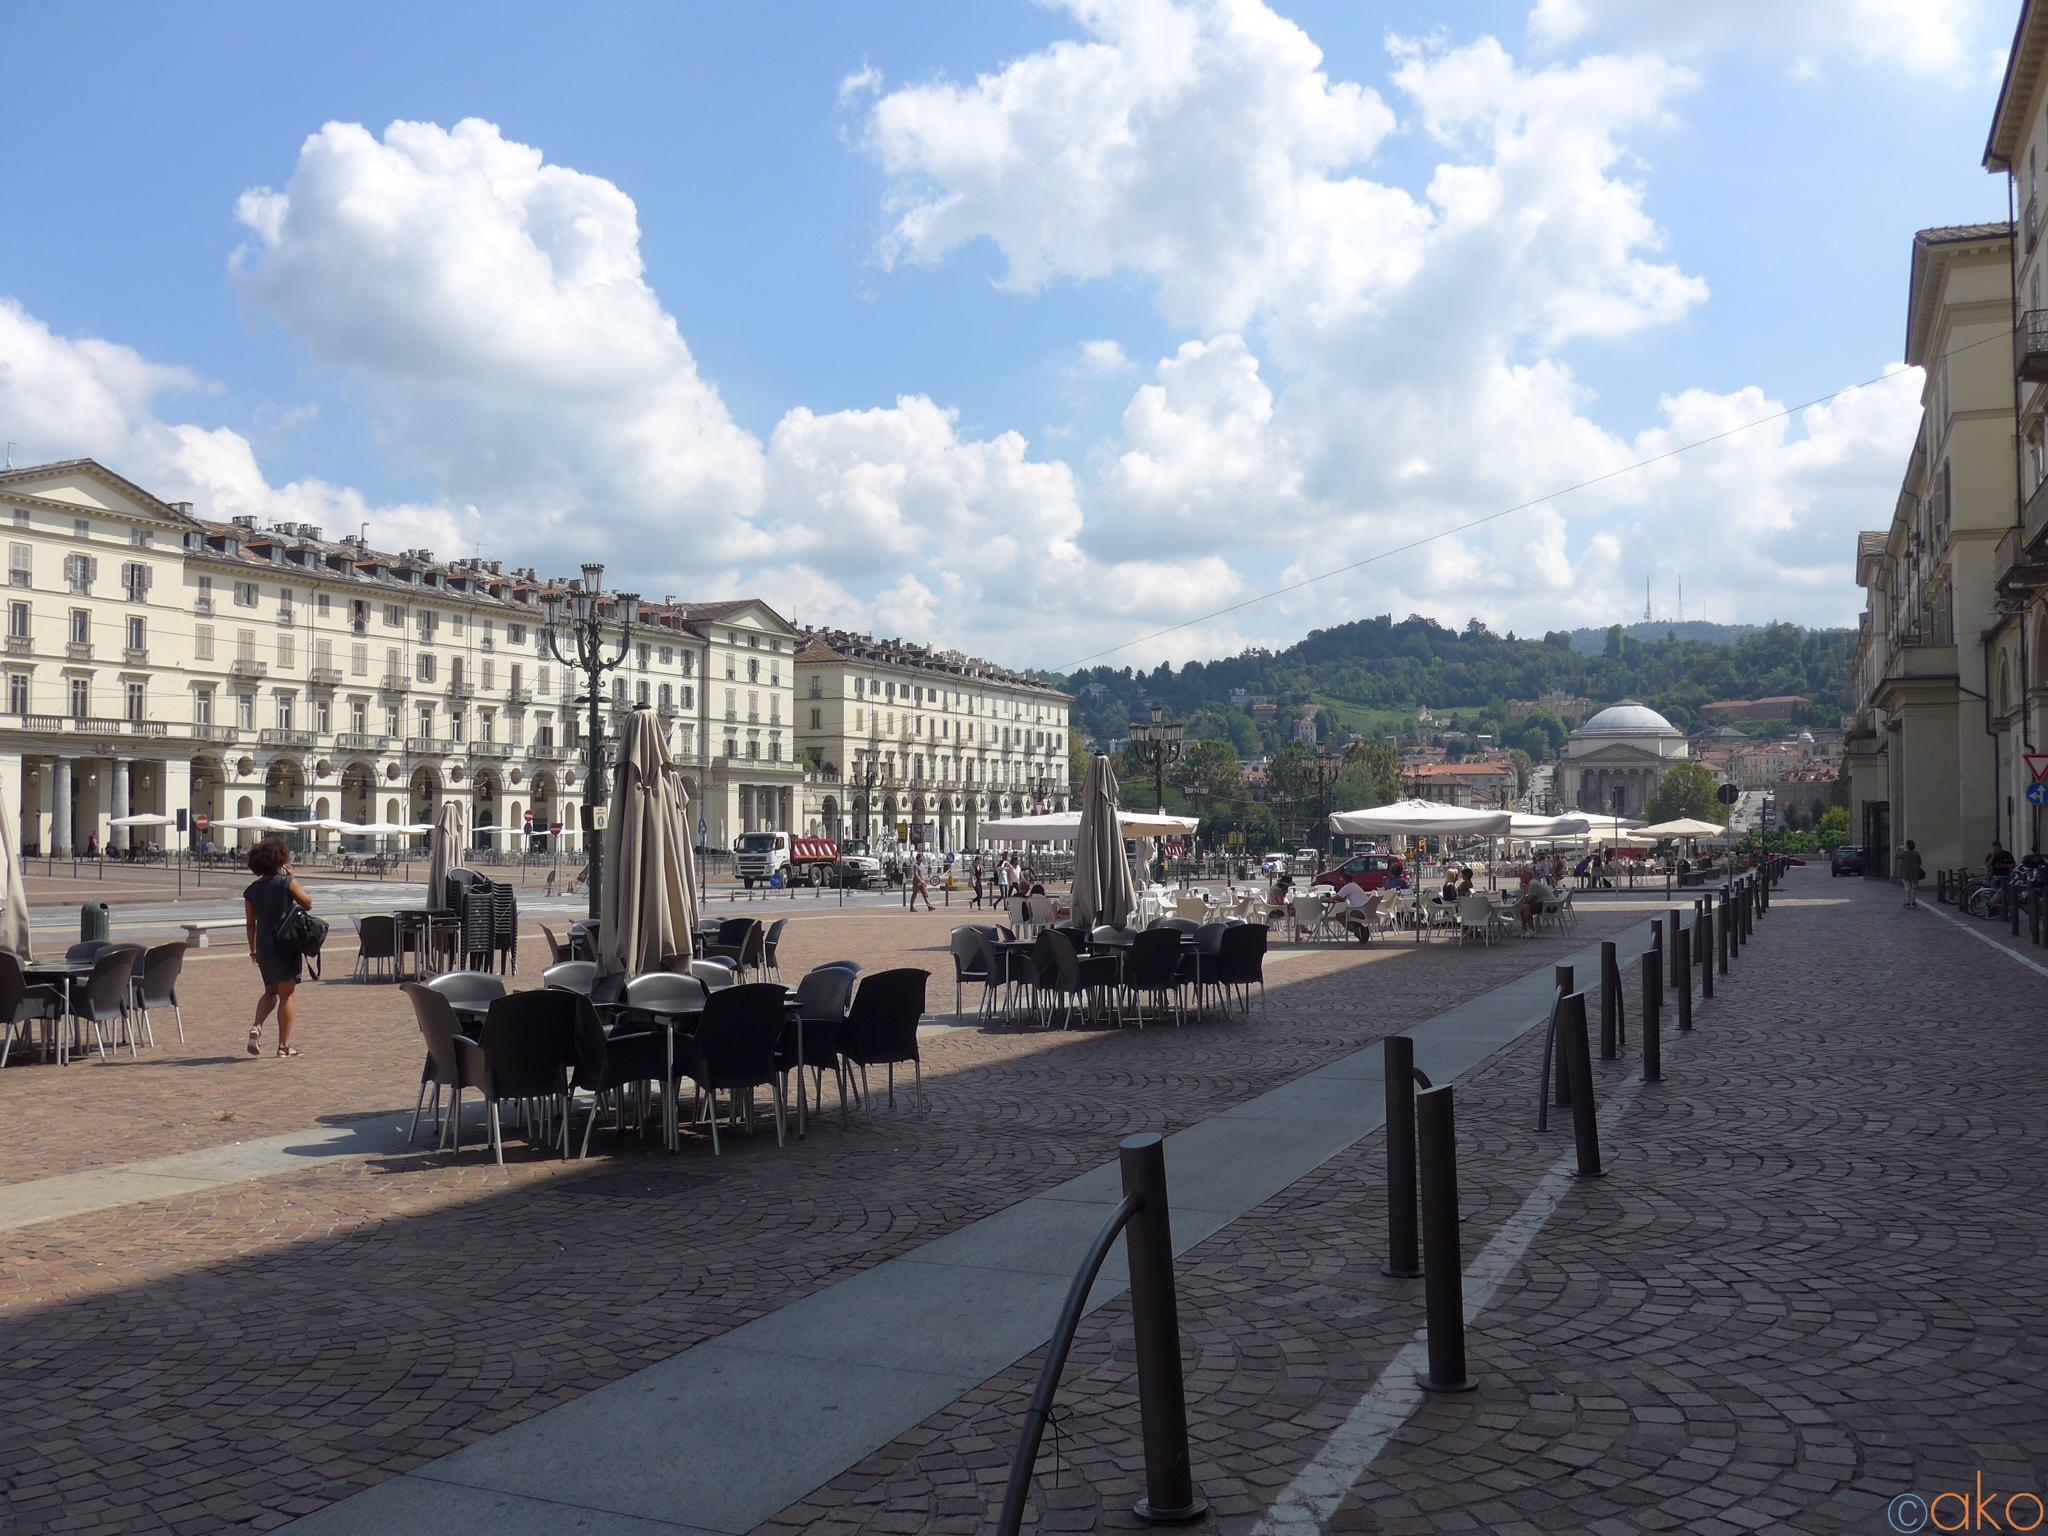 イタリア最大級!トリノ、ヴィットリオ・ヴェネト広場  イタリア観光ガイド